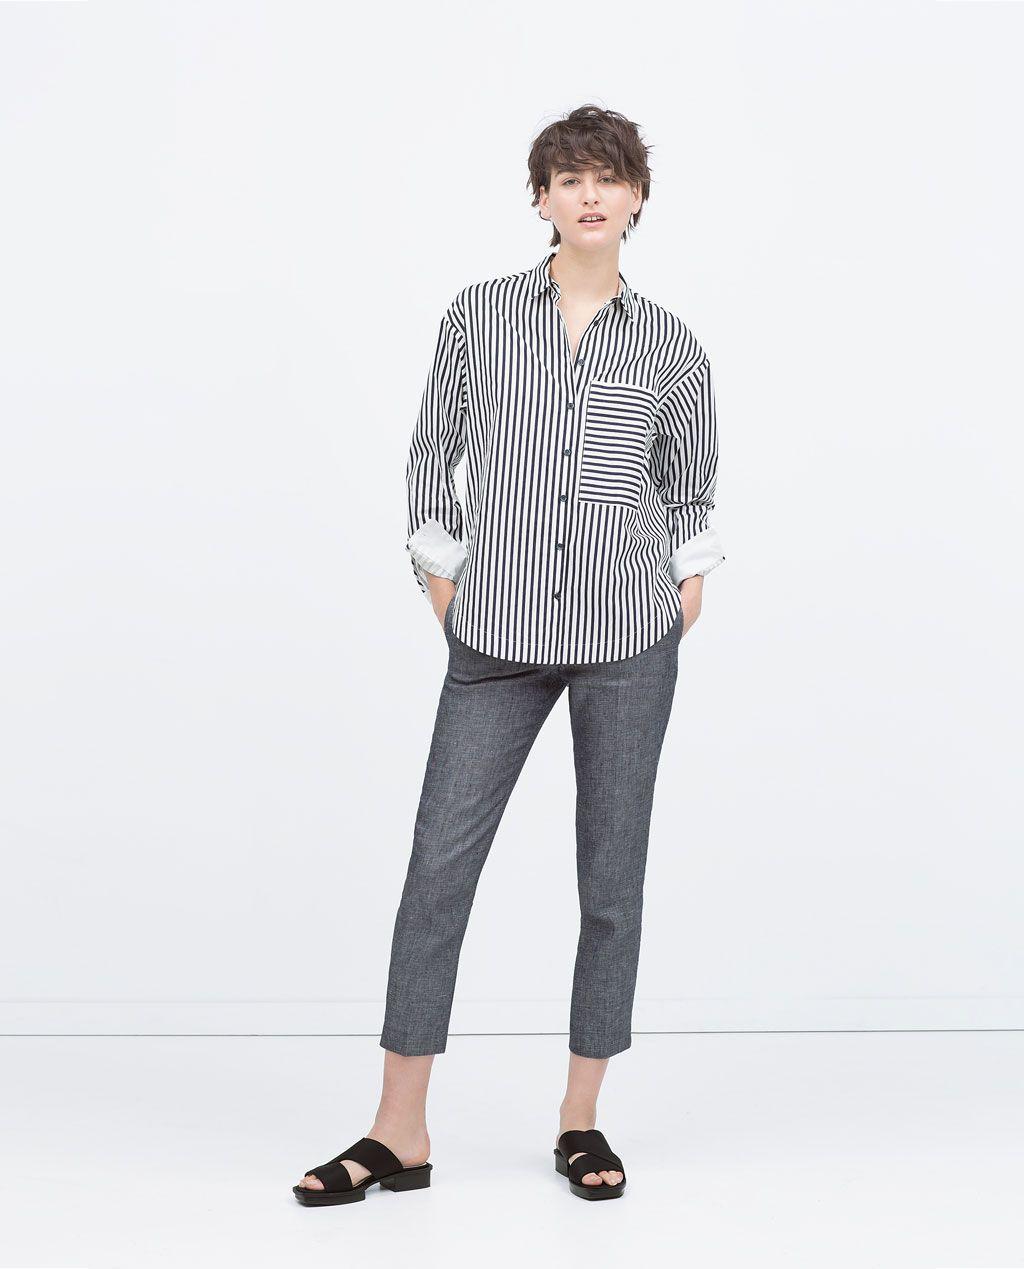 ZARA的图片 1 名称 加大碼口袋條紋襯衫